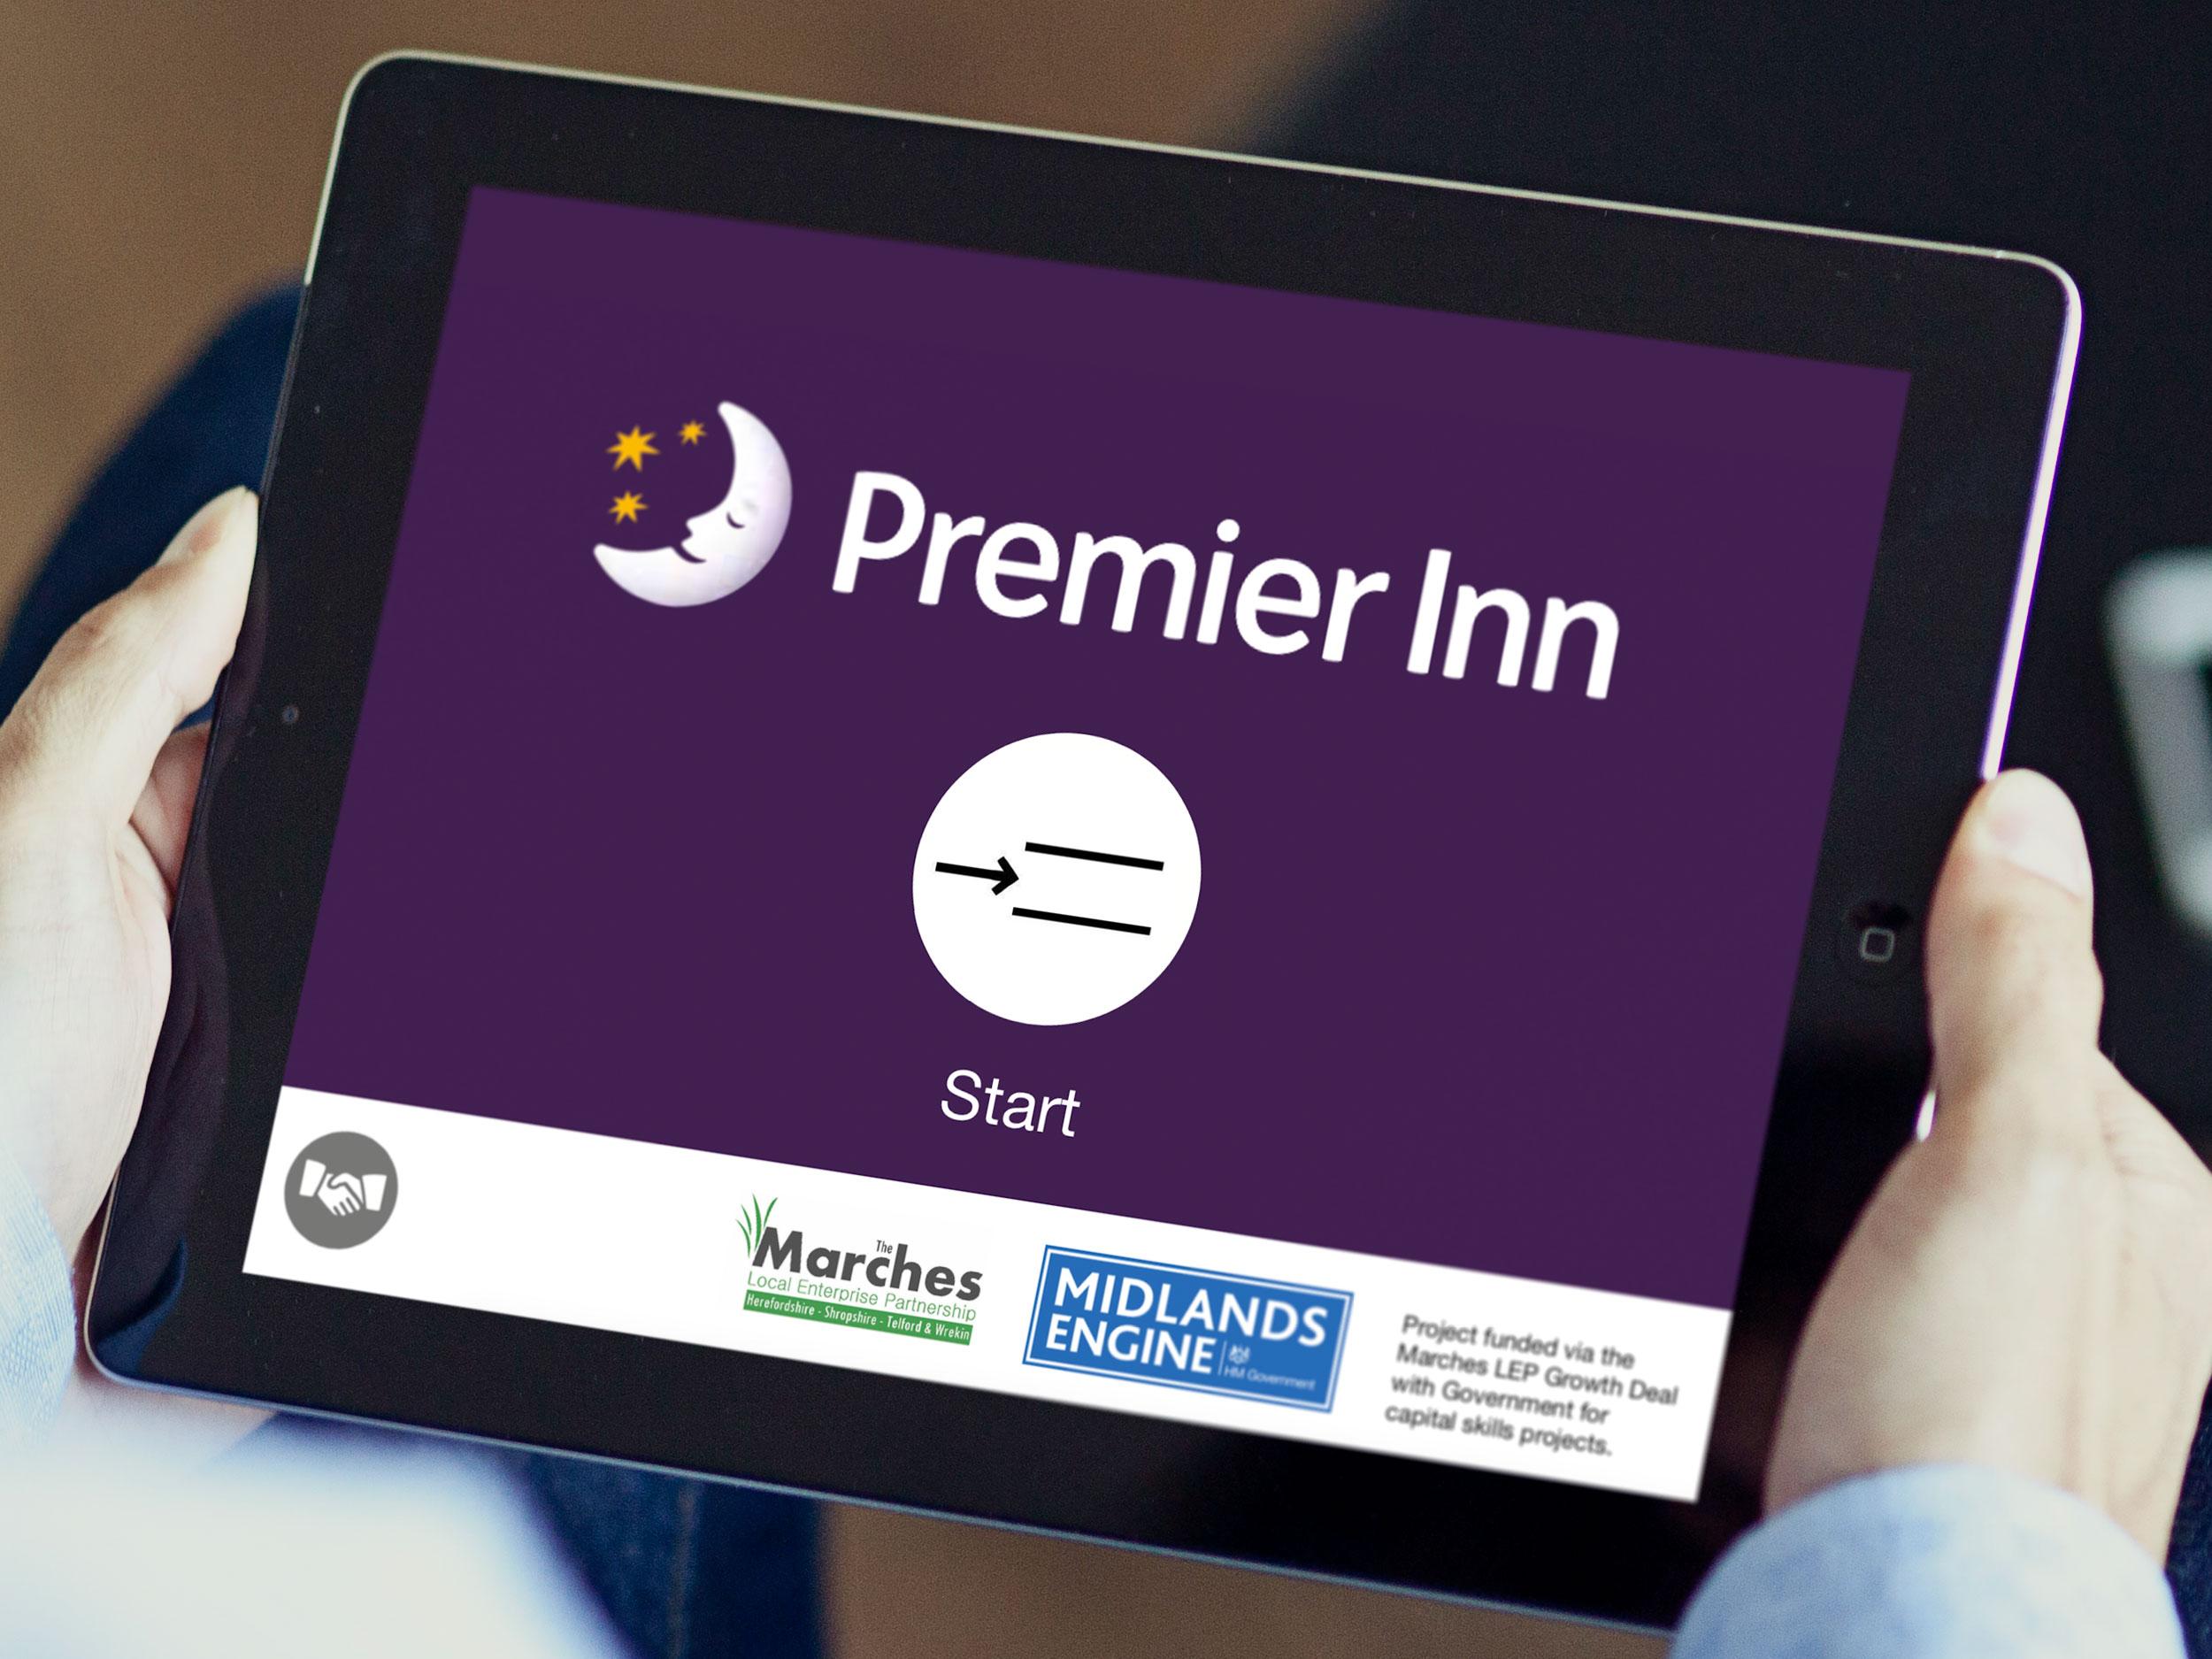 Premier Inn Training App